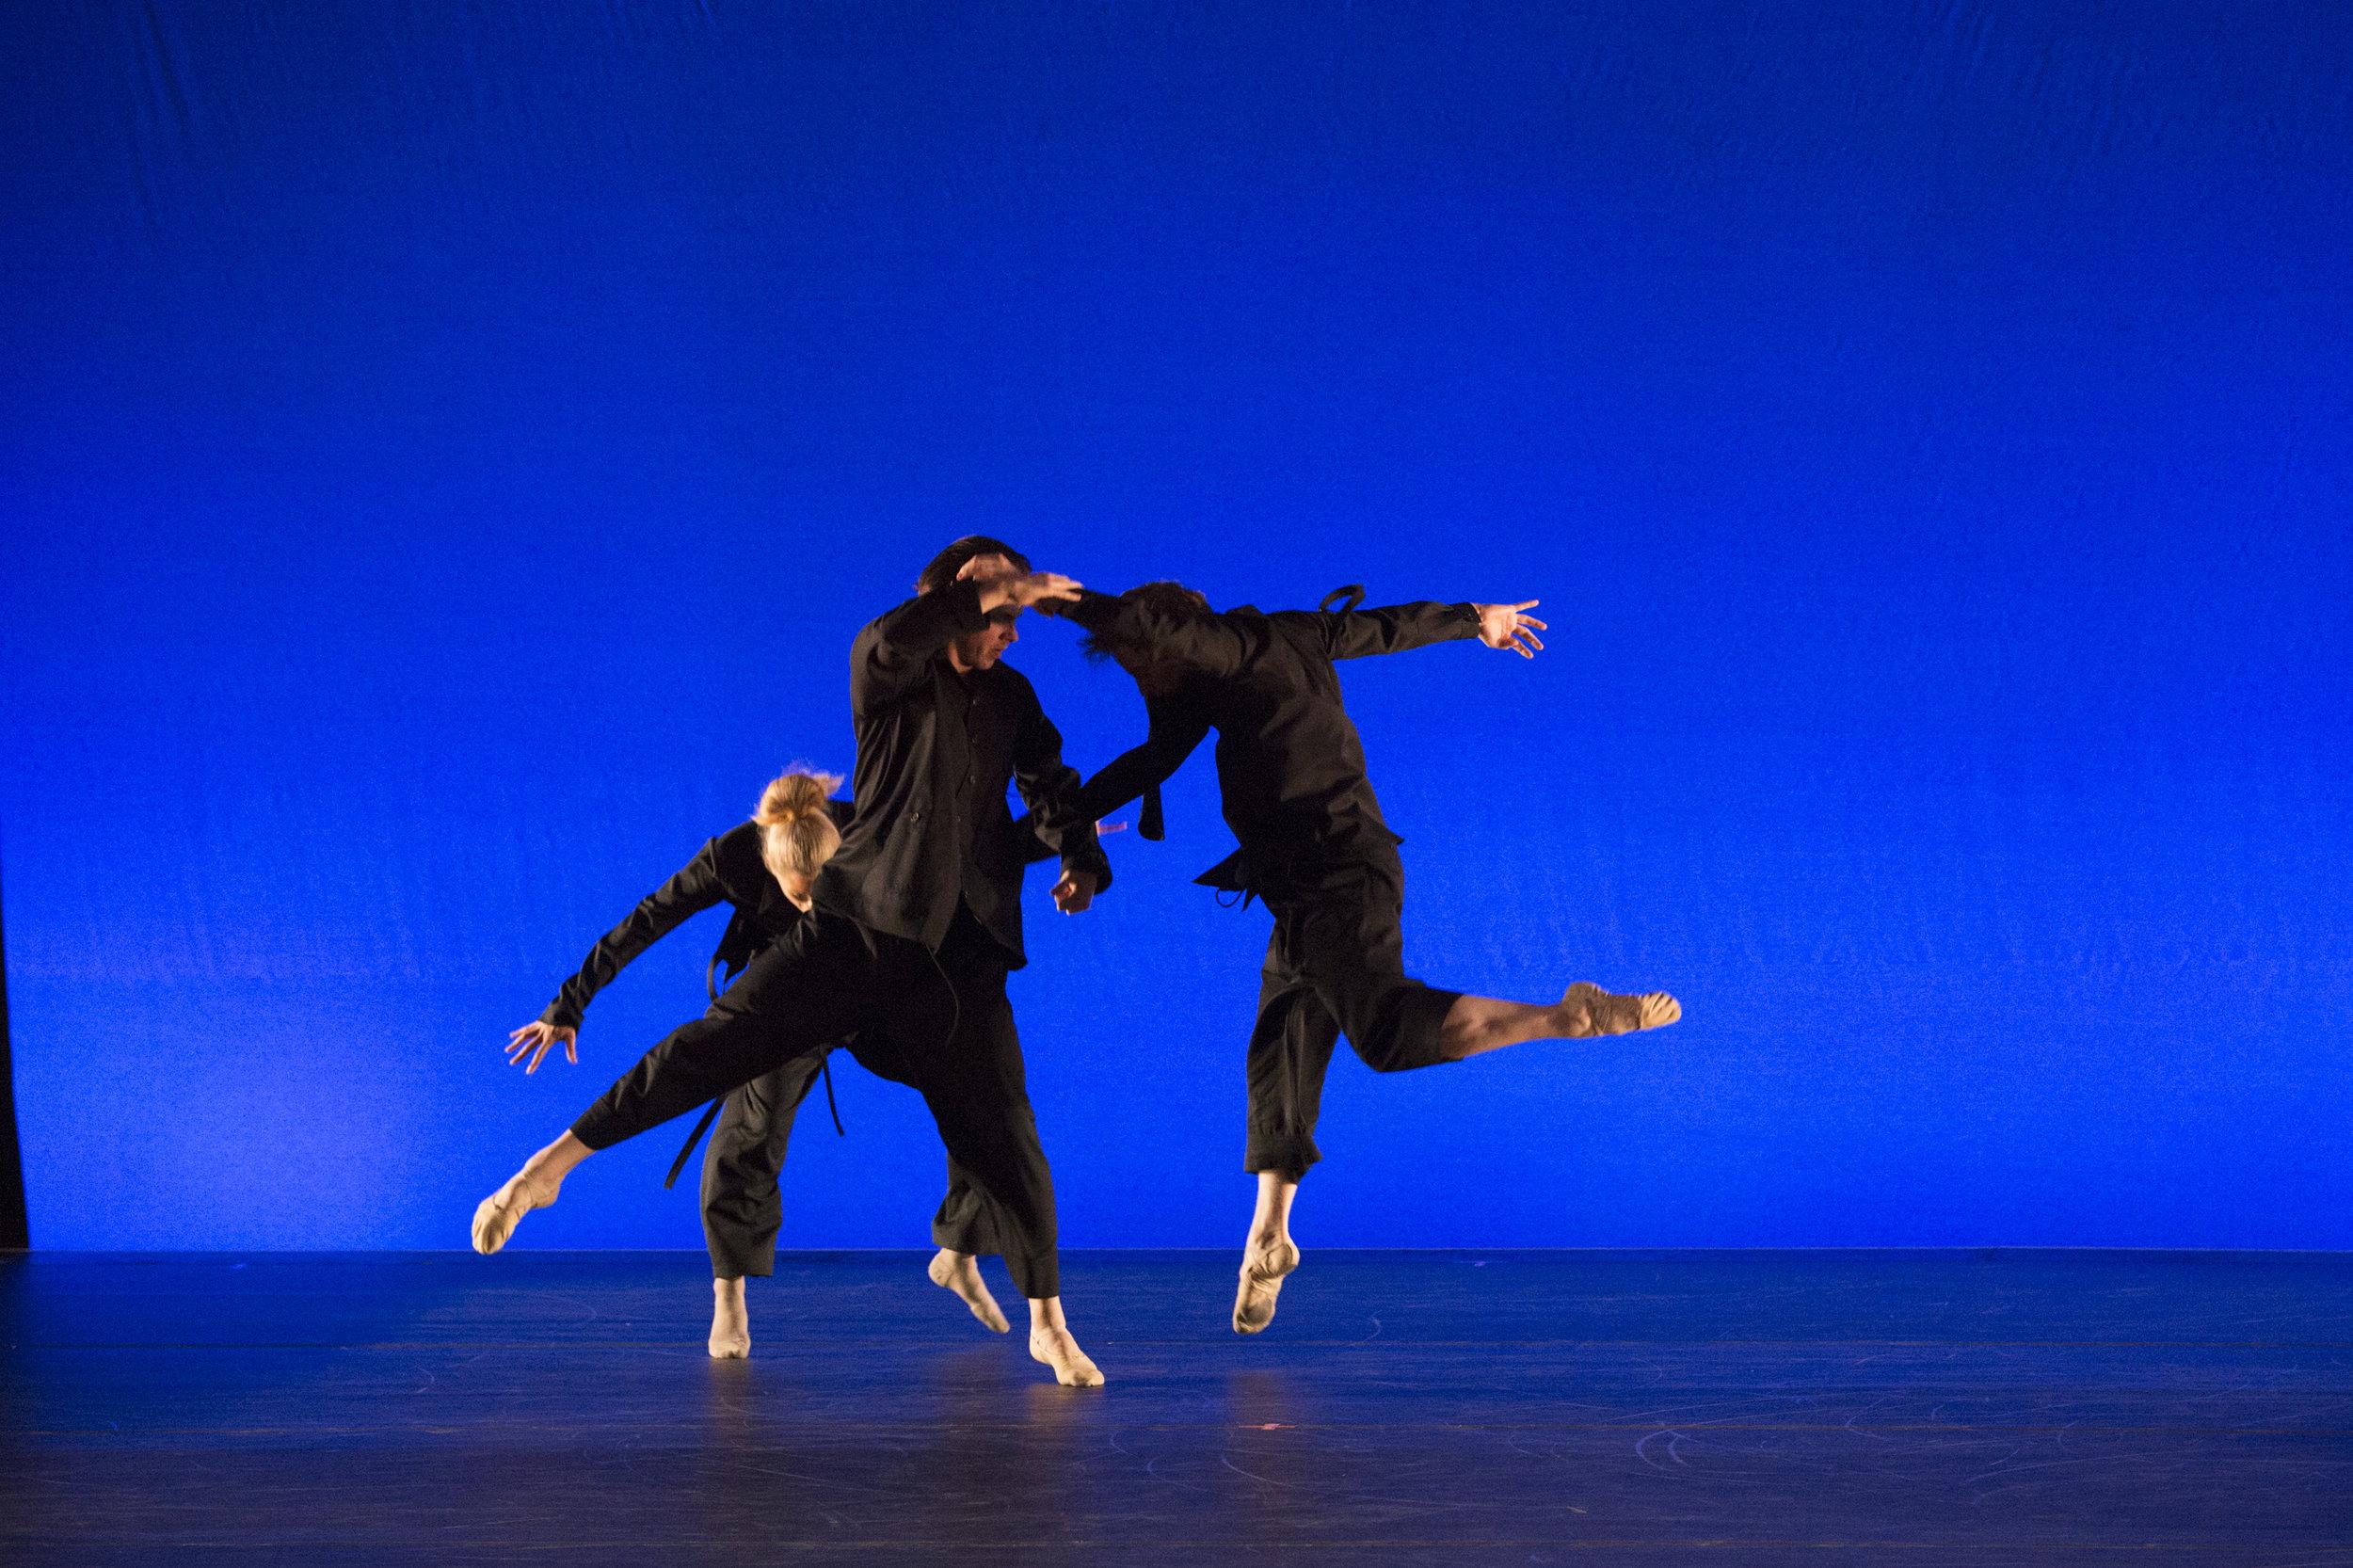 Cirio-Collective-Hudson-Valley-Dance-Festival-2017-photo by @franciscograciano-8362.jpg